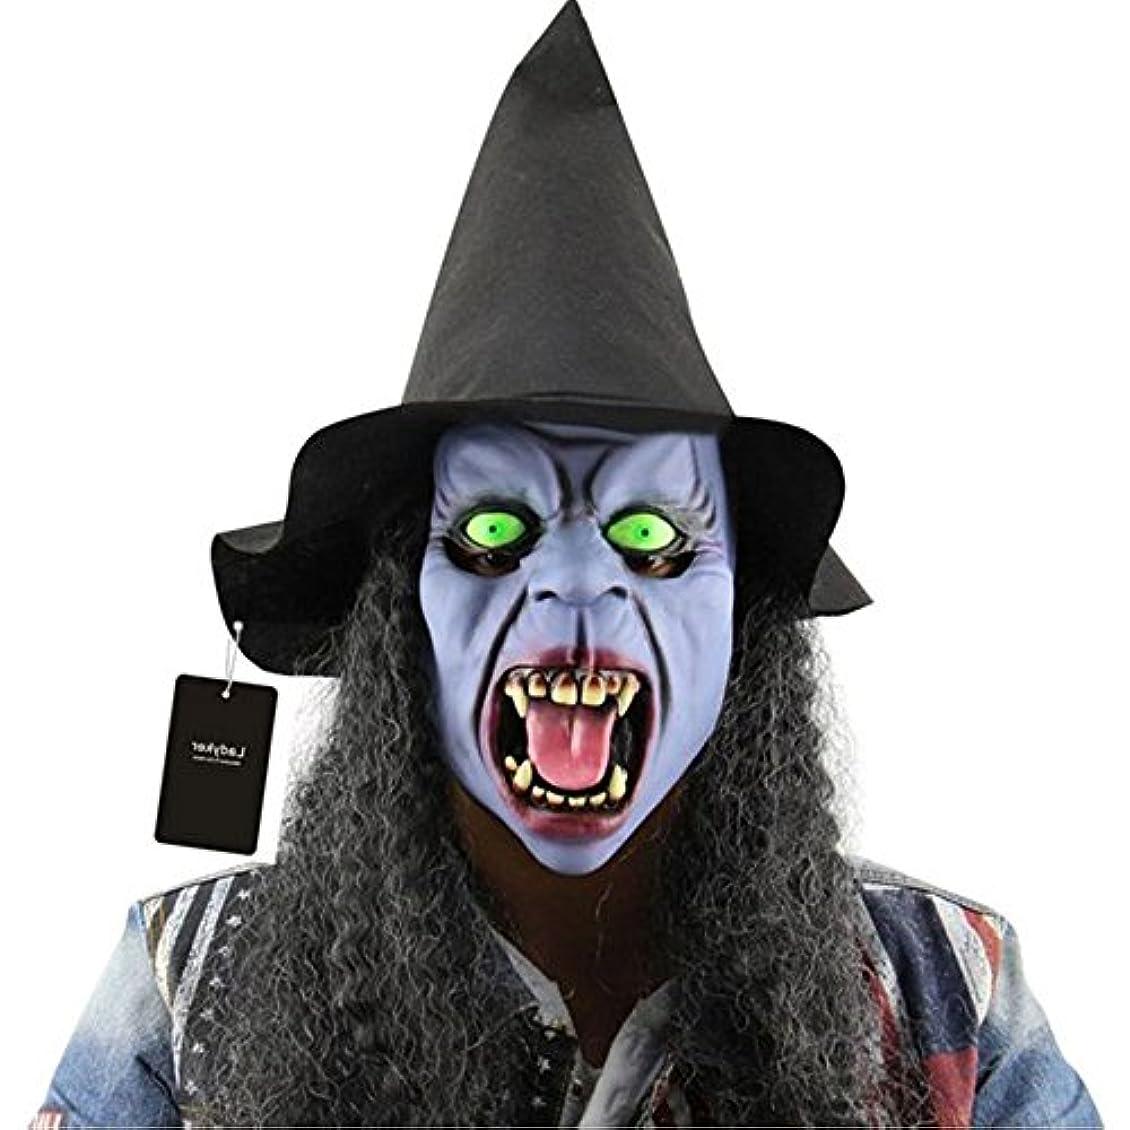 類似性優雅アルカトラズ島Auntwhale ハロウィーンマスク大人恐怖コスチューム、ホラー夜の魔女ファンシーマスカレードパーティハロウィンマスク、フェスティバル通気性ギフトヘッドマスク